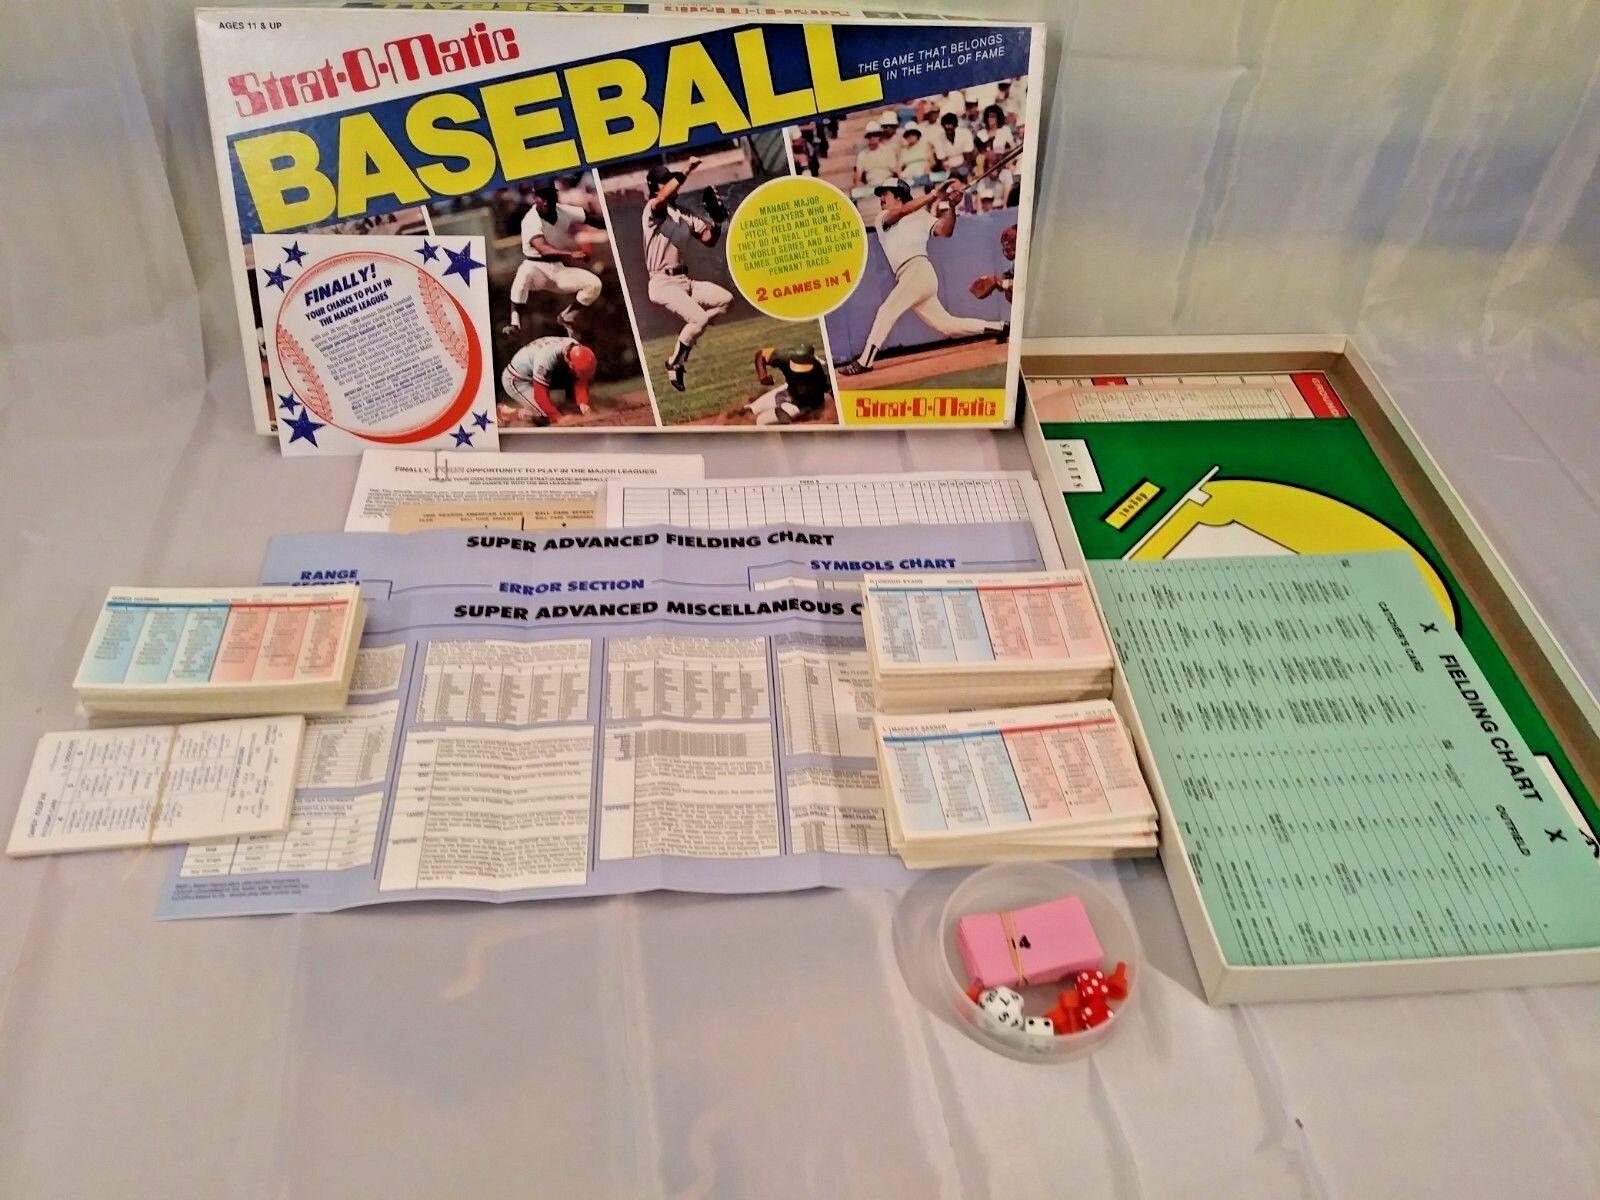 Strat-o-matic de béisbol temporada 1990 y 1965 Dodgers & motleys Crew laminado y más